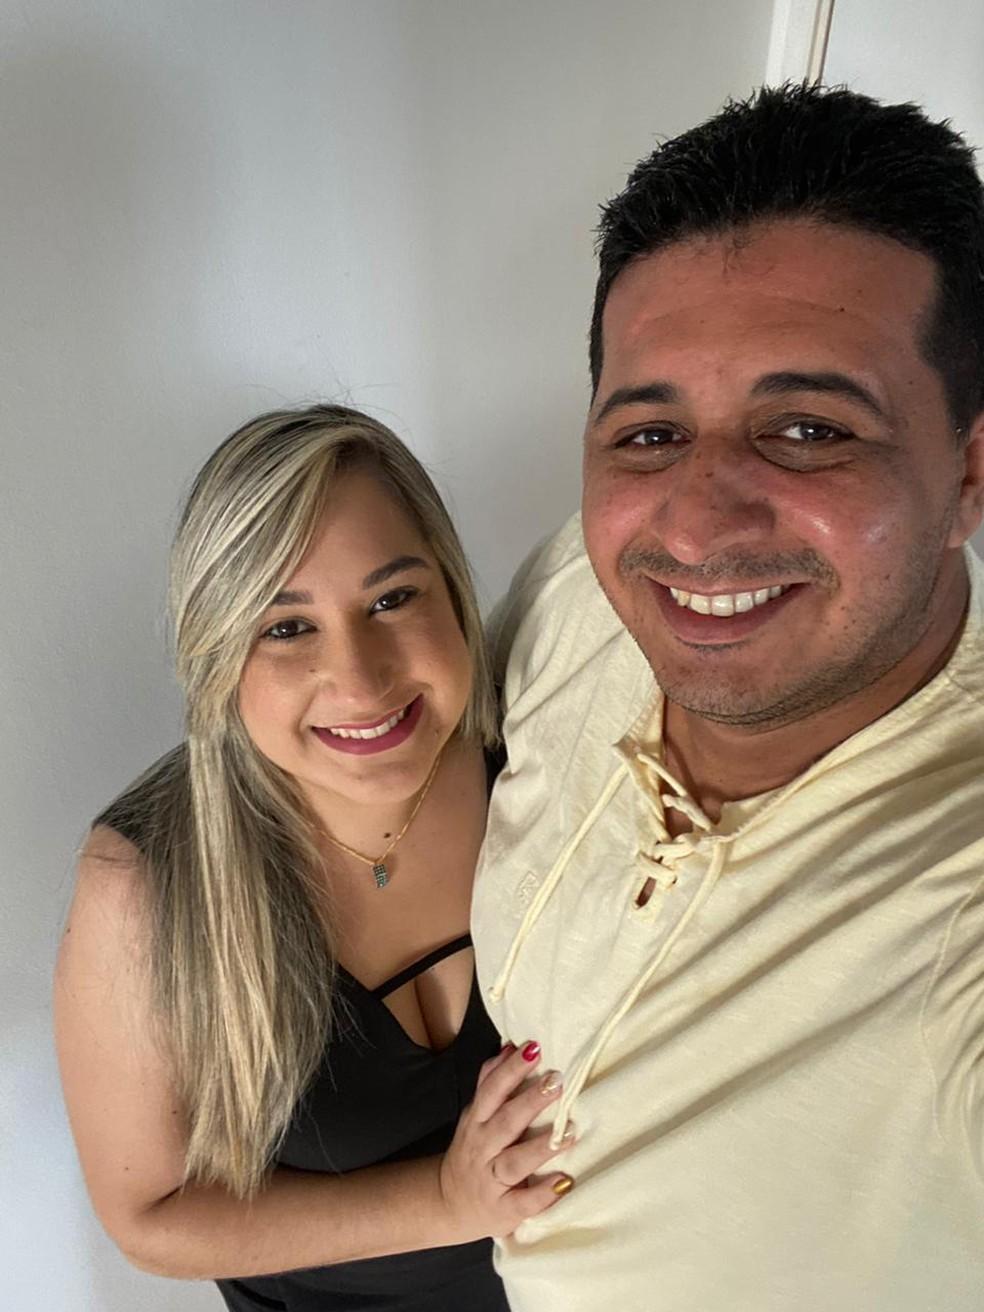 Kiara e Franklin estão trabalhando juntos para realizarem o sonho de ter o próprio negócio — Foto: Kiara Machado/Arquivo pessoal